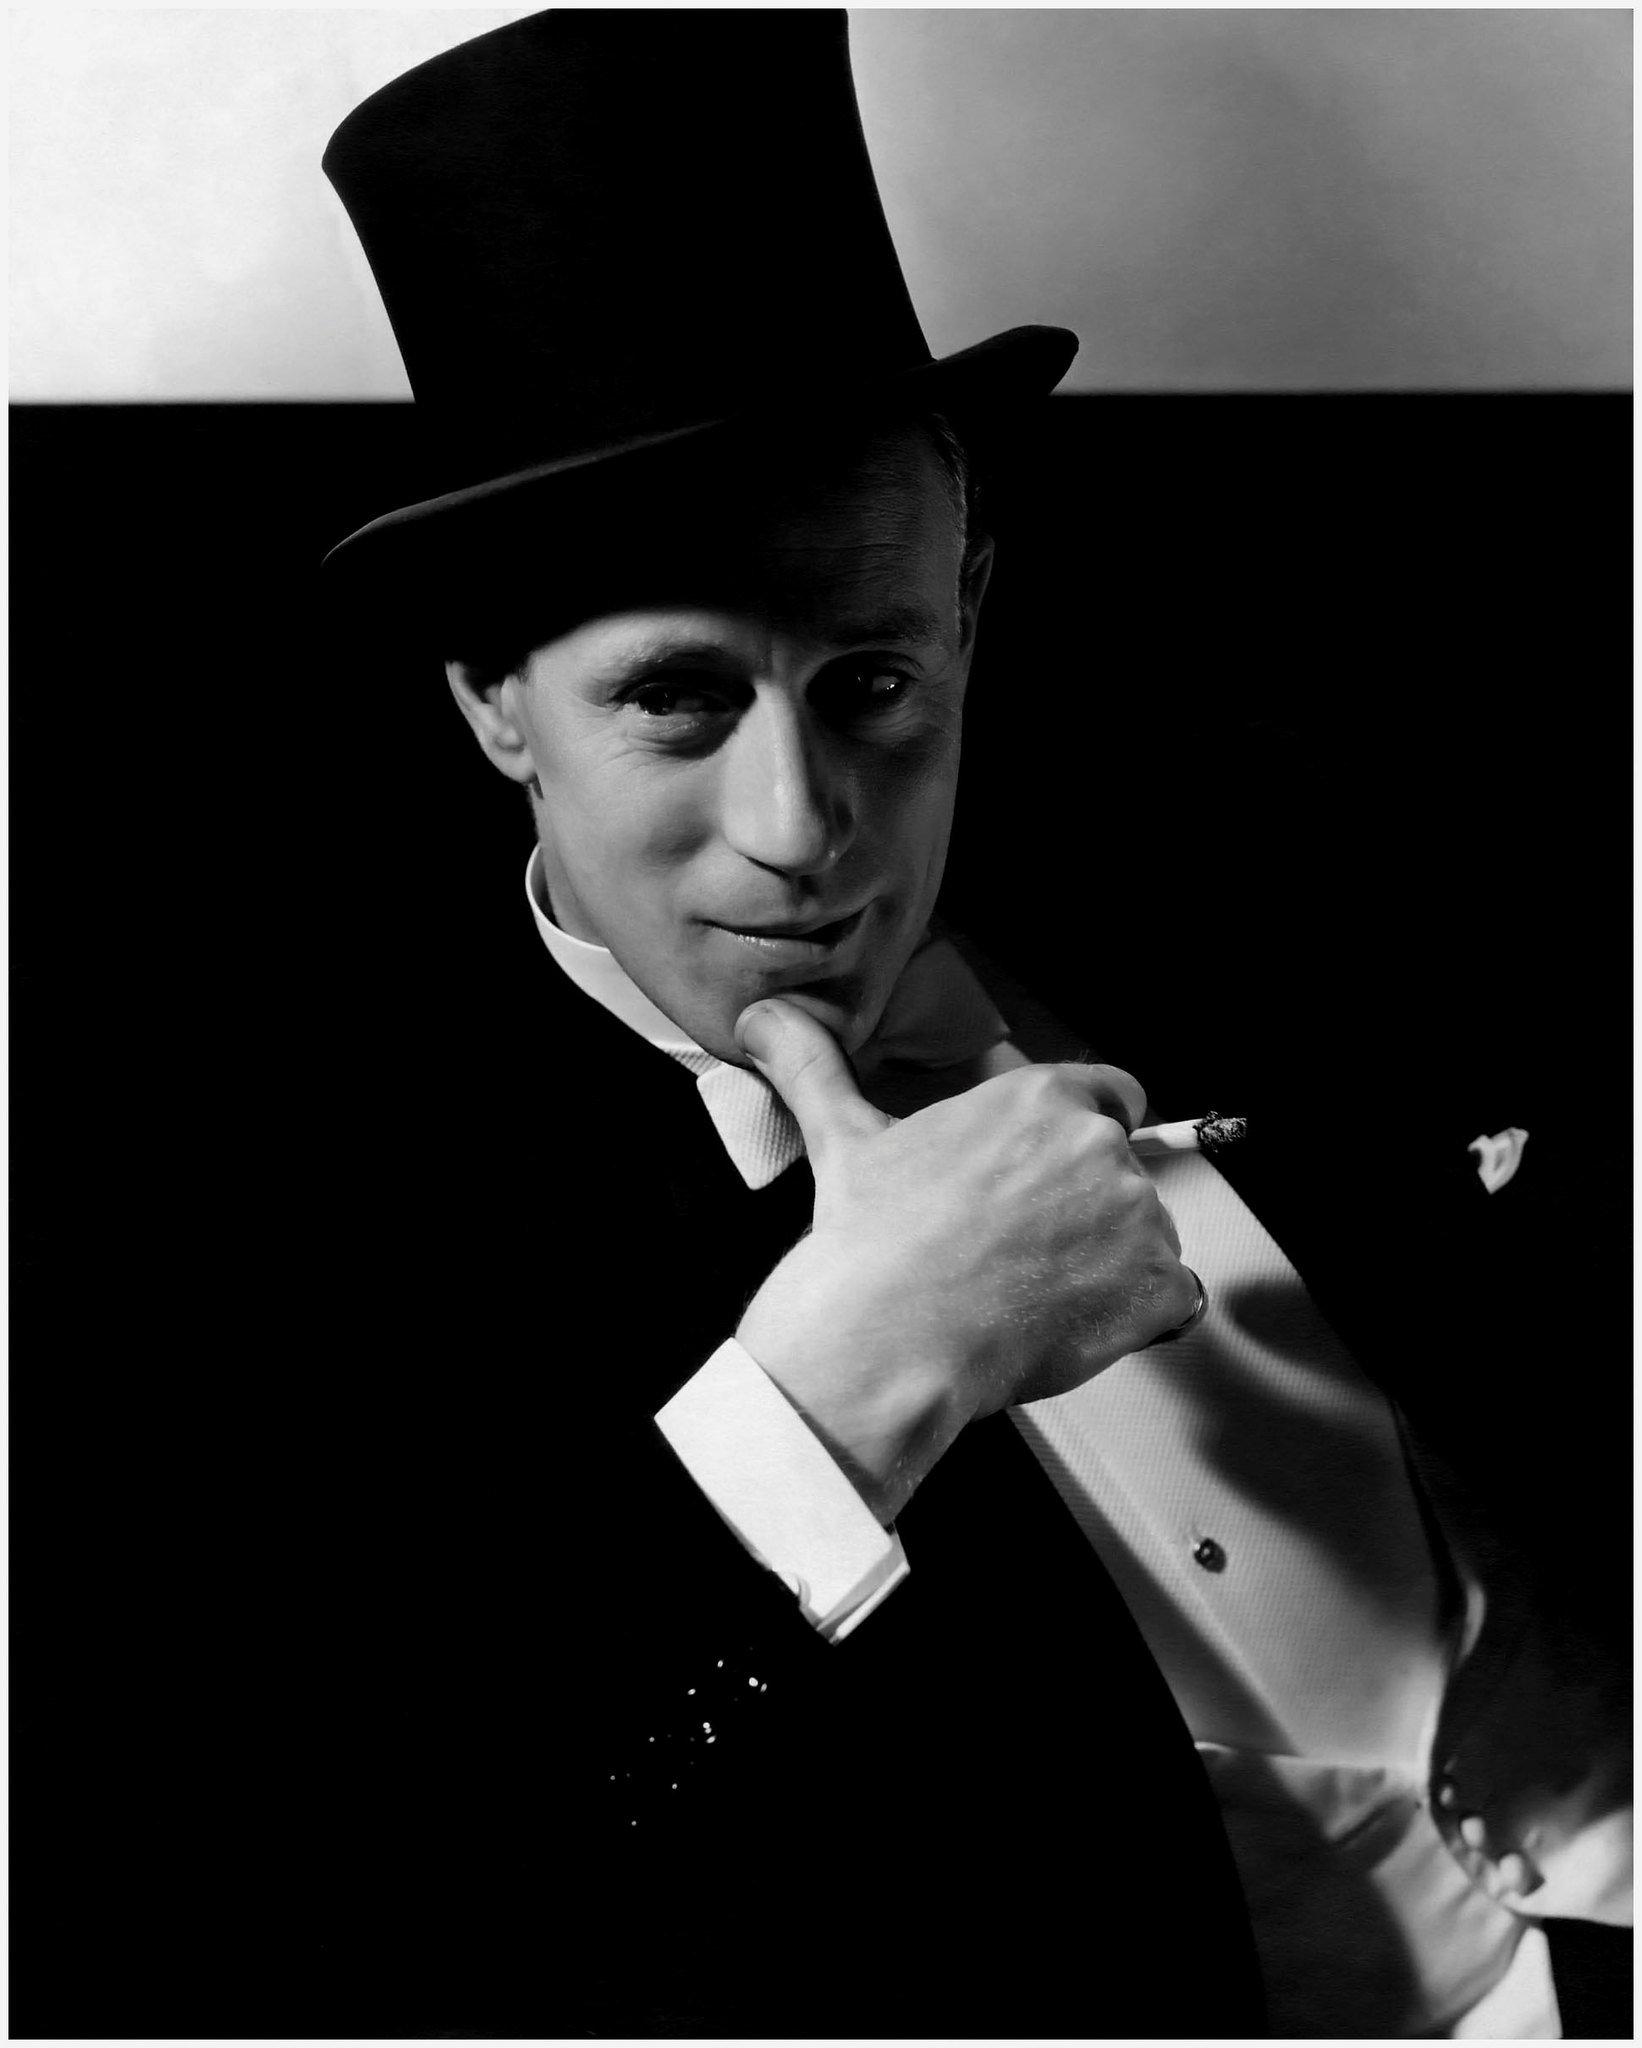 Leslie Howard, actor de teatro y cine, director y productor inglés, vistiendo un sombrero de copa y fumando un cigarrillo. Año 1932. | Imagen: Flickr